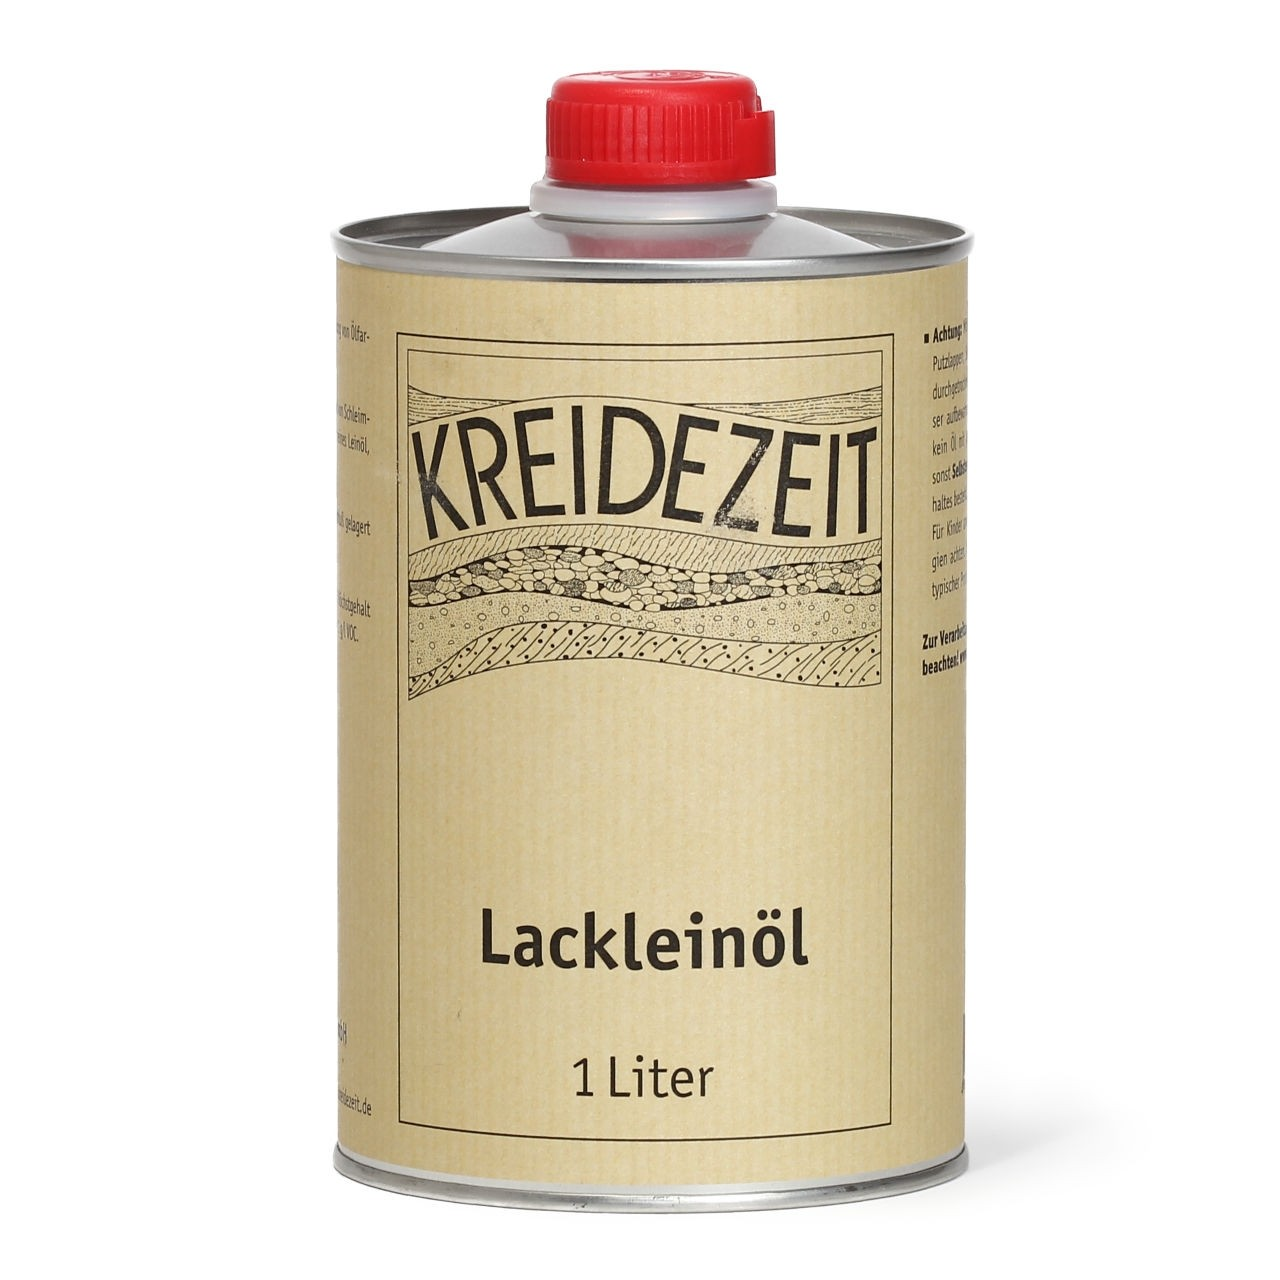 Kreidezeit Lackleinöl 1 Liter